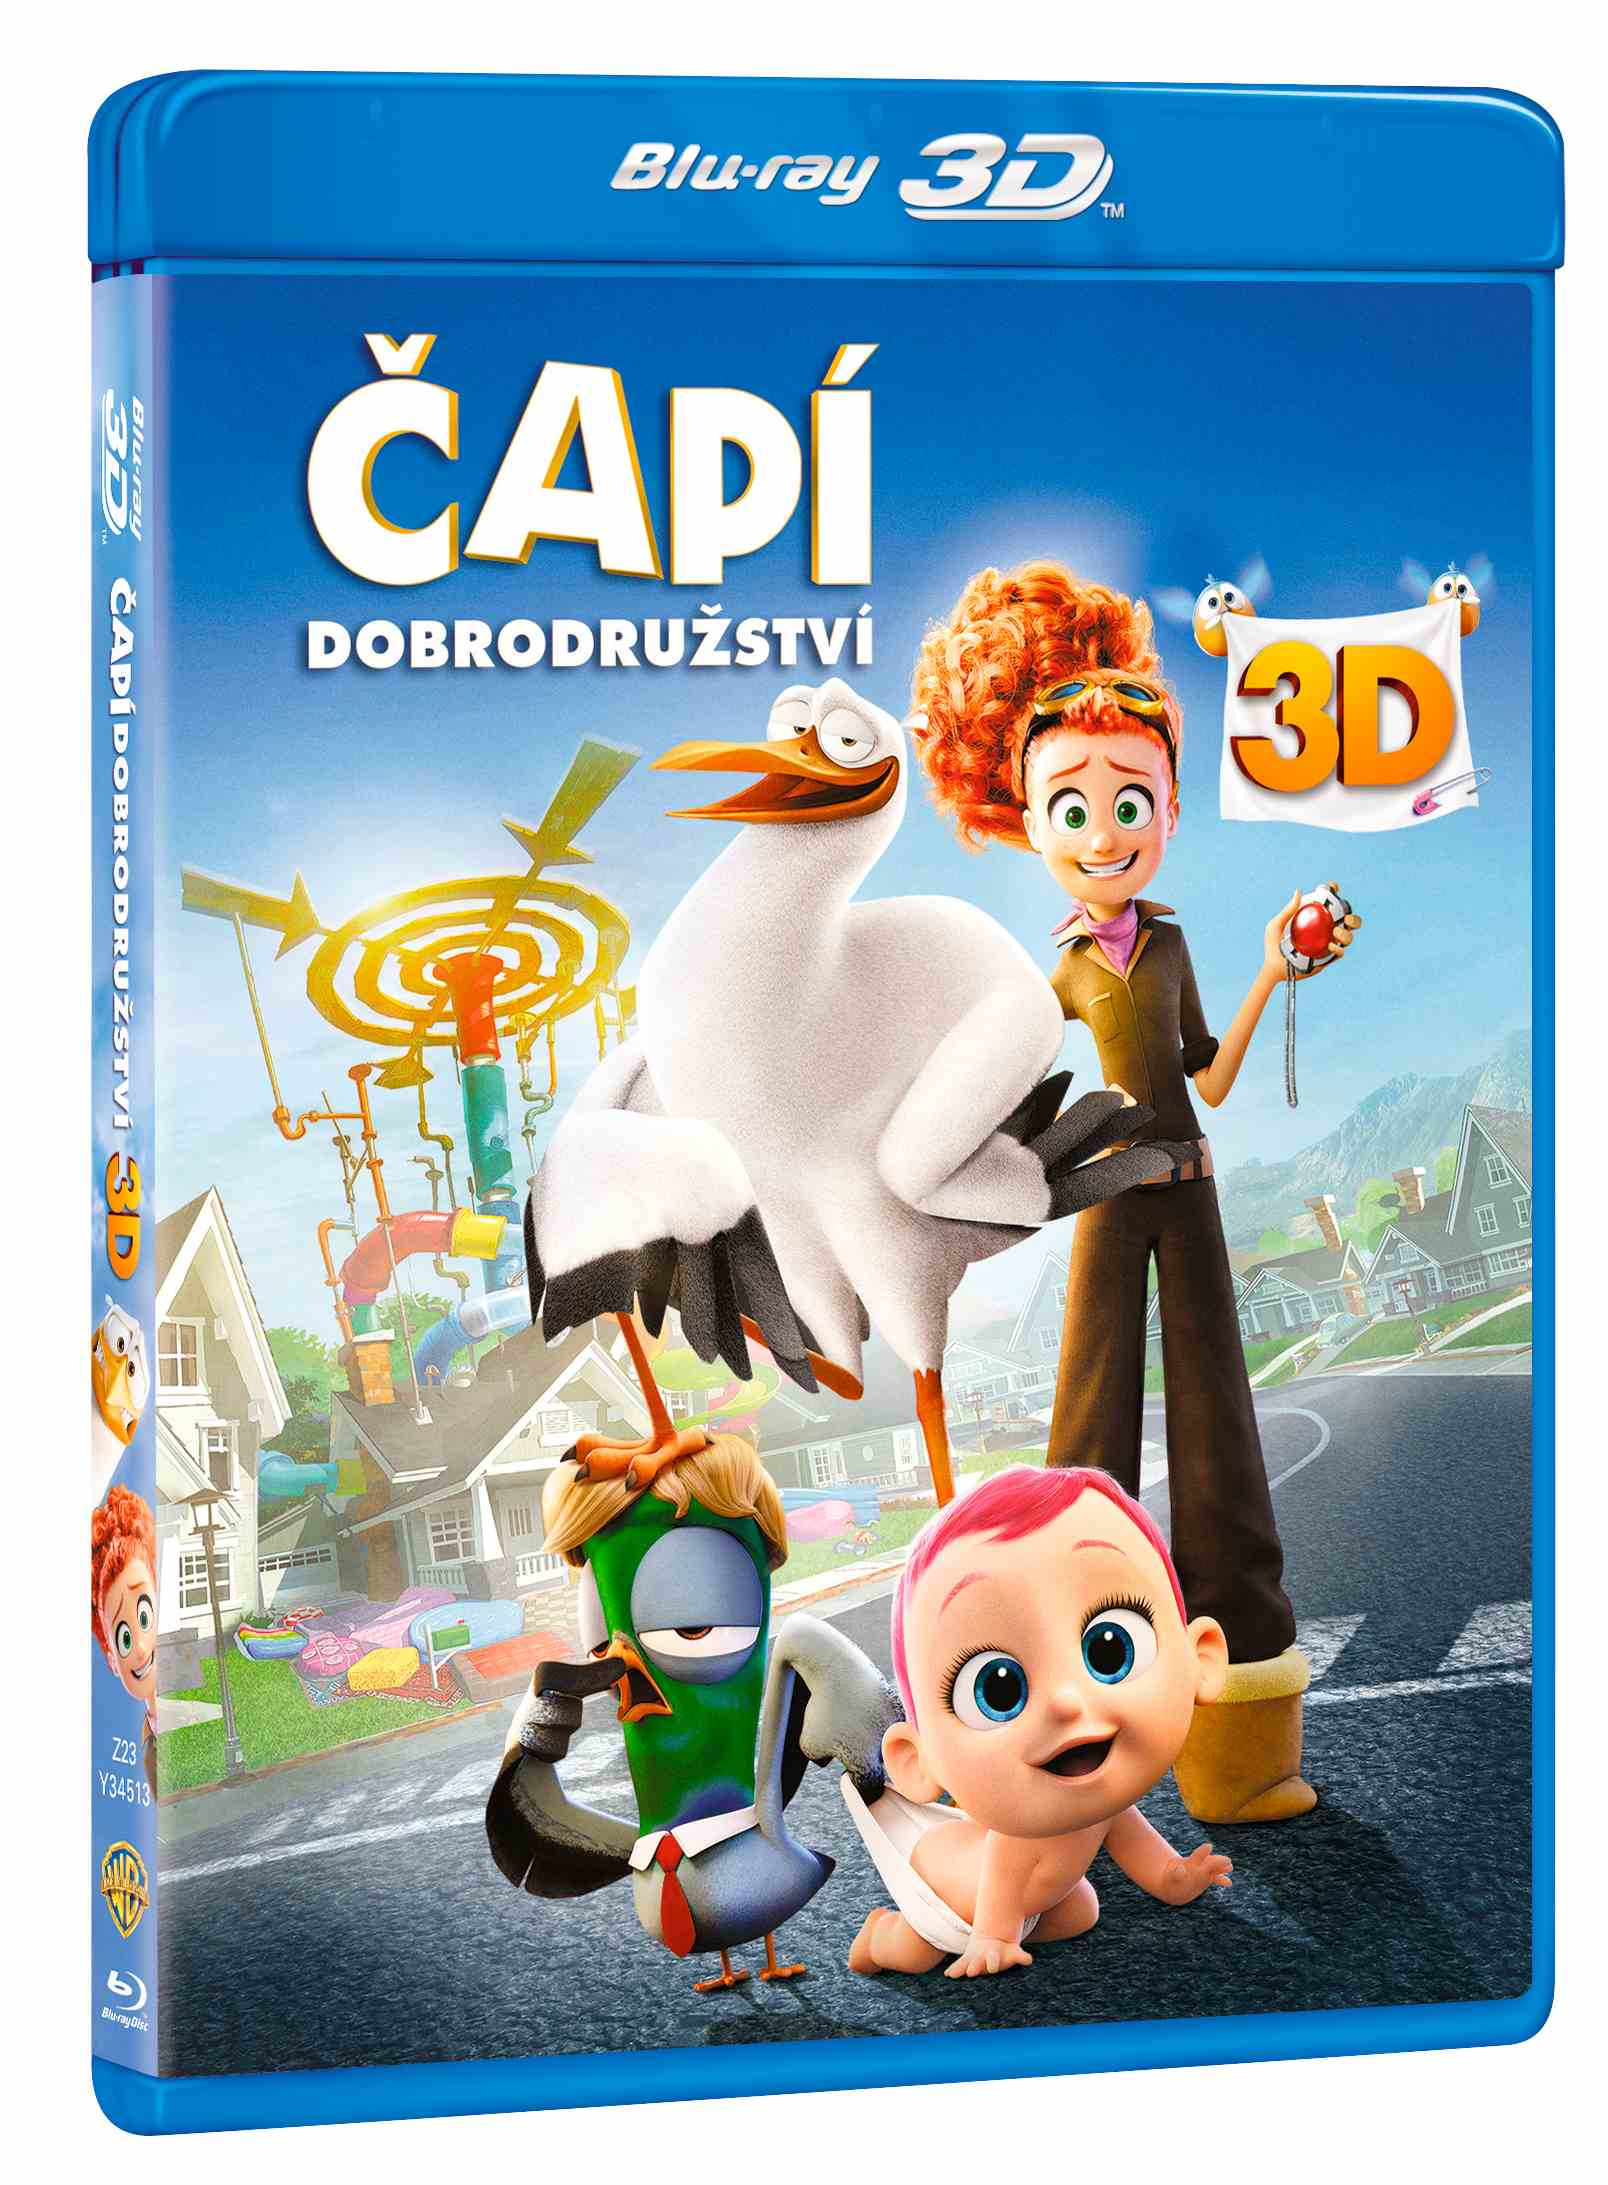 ČAPÍ DOBRODRUŽSTVÍ - Blu-ray 3D + 2D